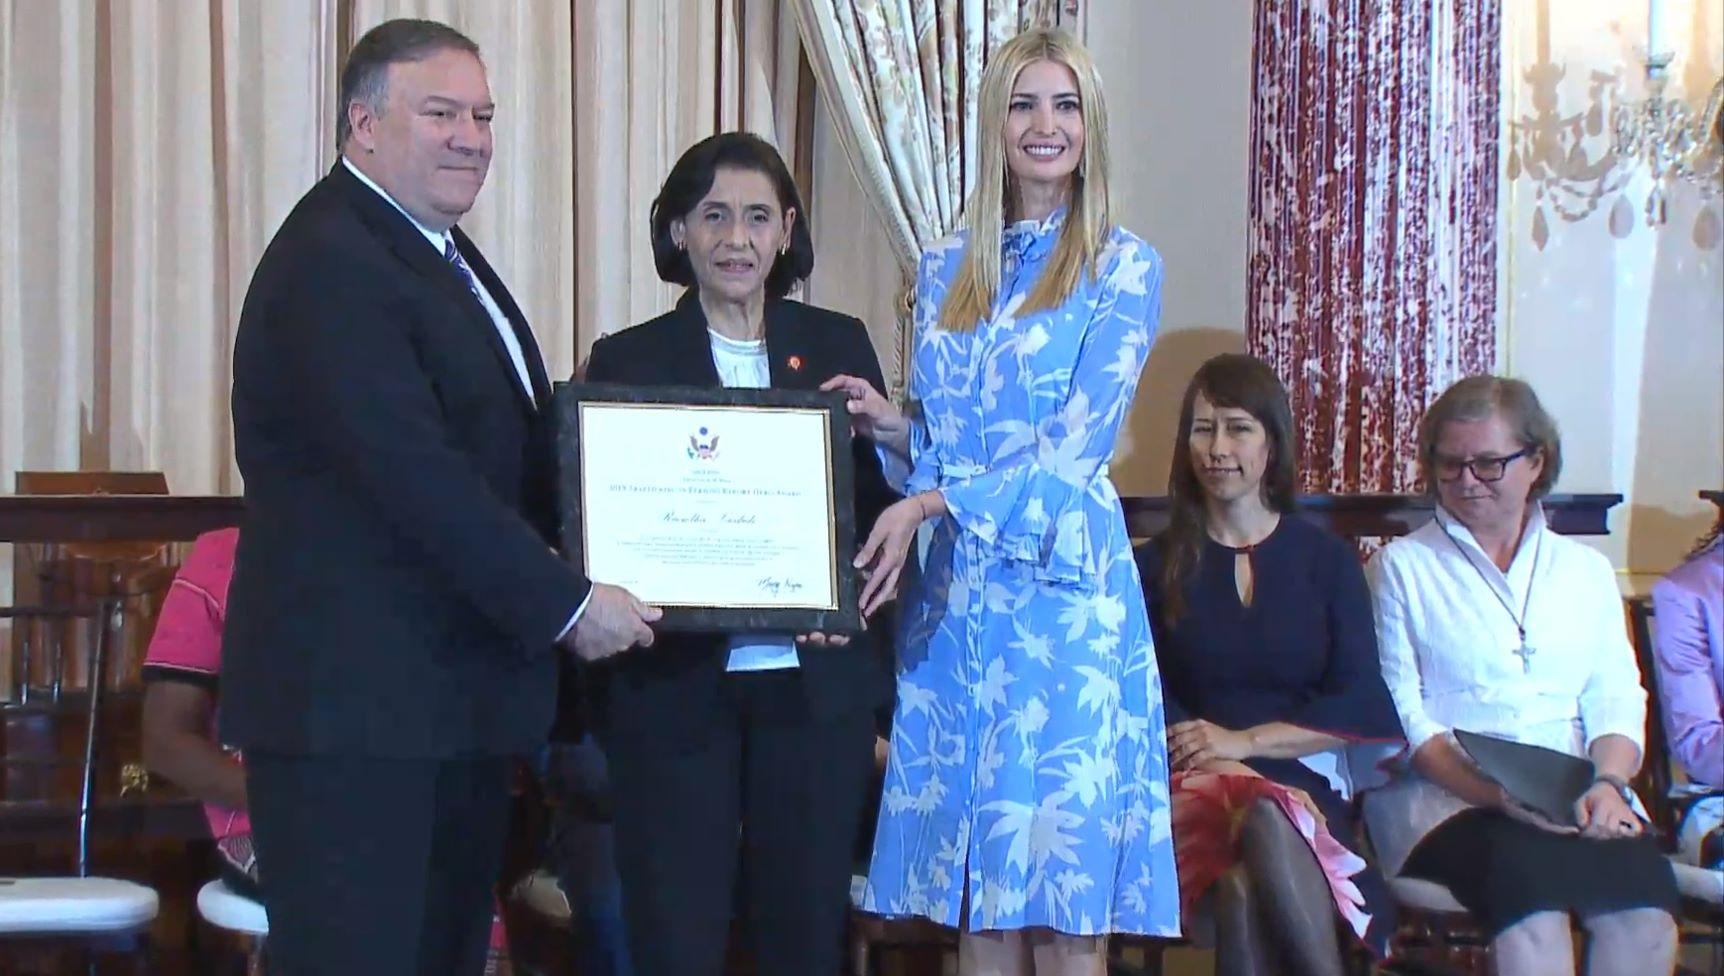 الهيئة الوطنية لمكافحة الاتجار بالأشخاص تفوز بجائزة أفضل تقرير في العالم